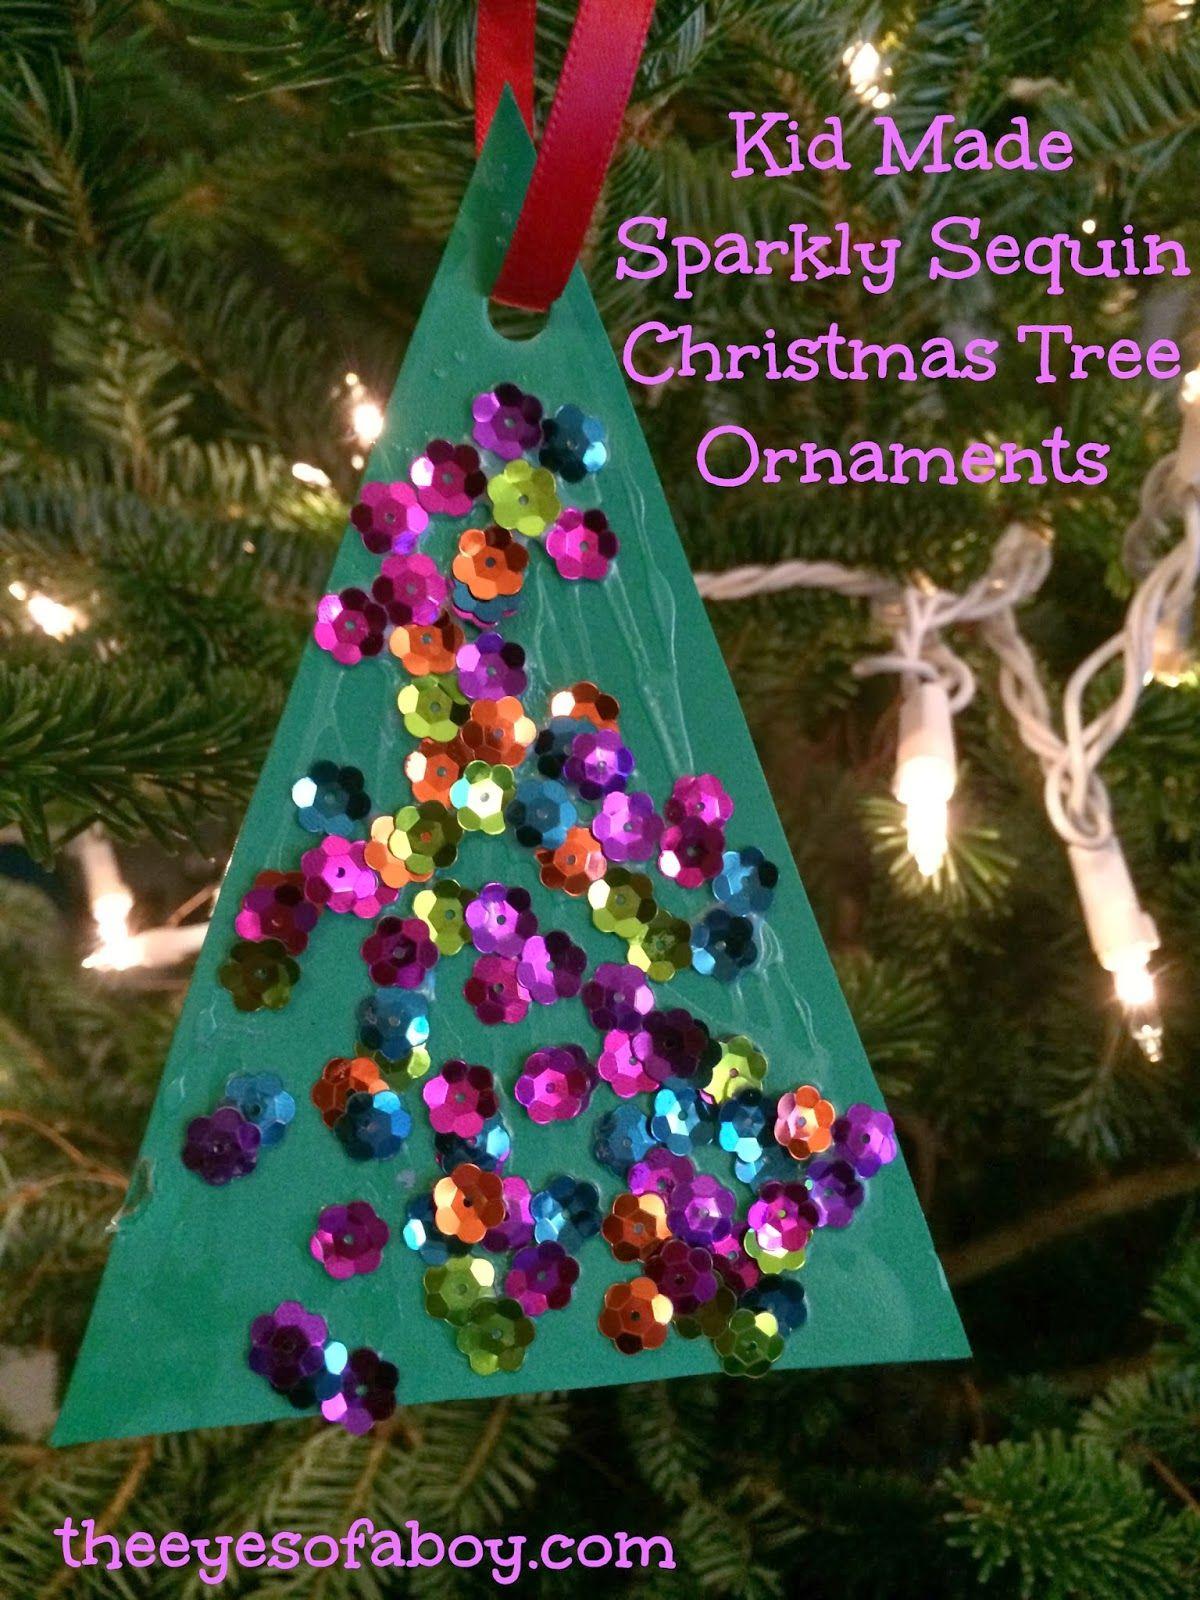 Ornamentheader Jpg 1 200 1 600 Pixels Diy Christmas Tree Ornaments Kids Tree Ornaments Kids Ornaments